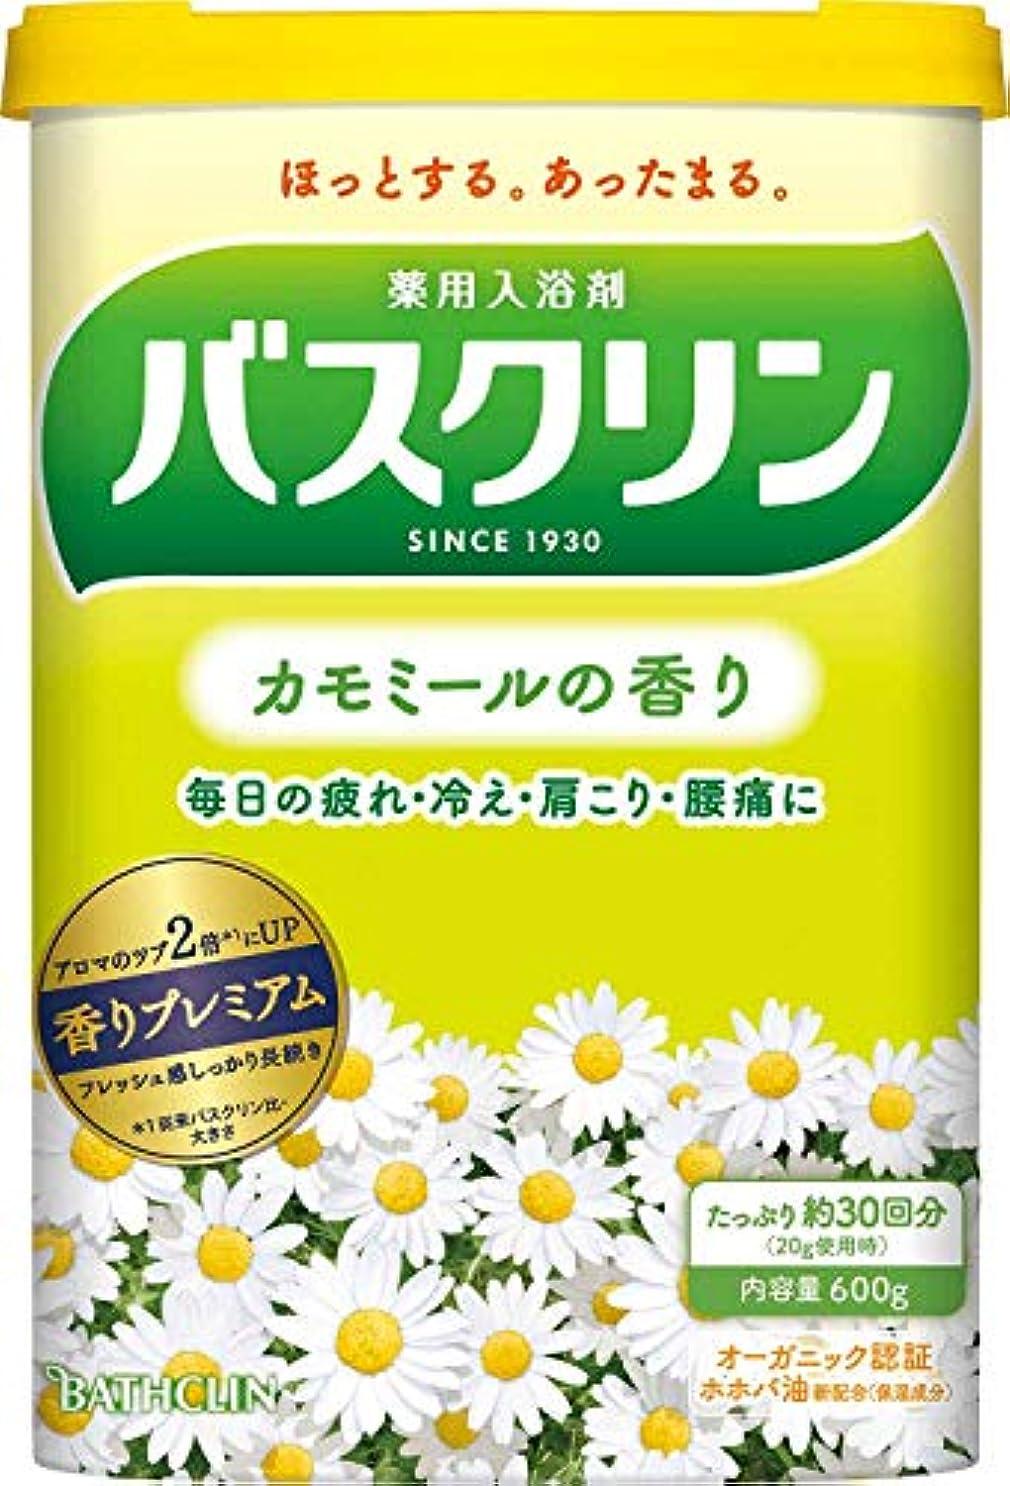 将来の偽装する活力【医薬部外品】バスクリン入浴剤 カモミールの香り600g(約30回分) 疲労回復